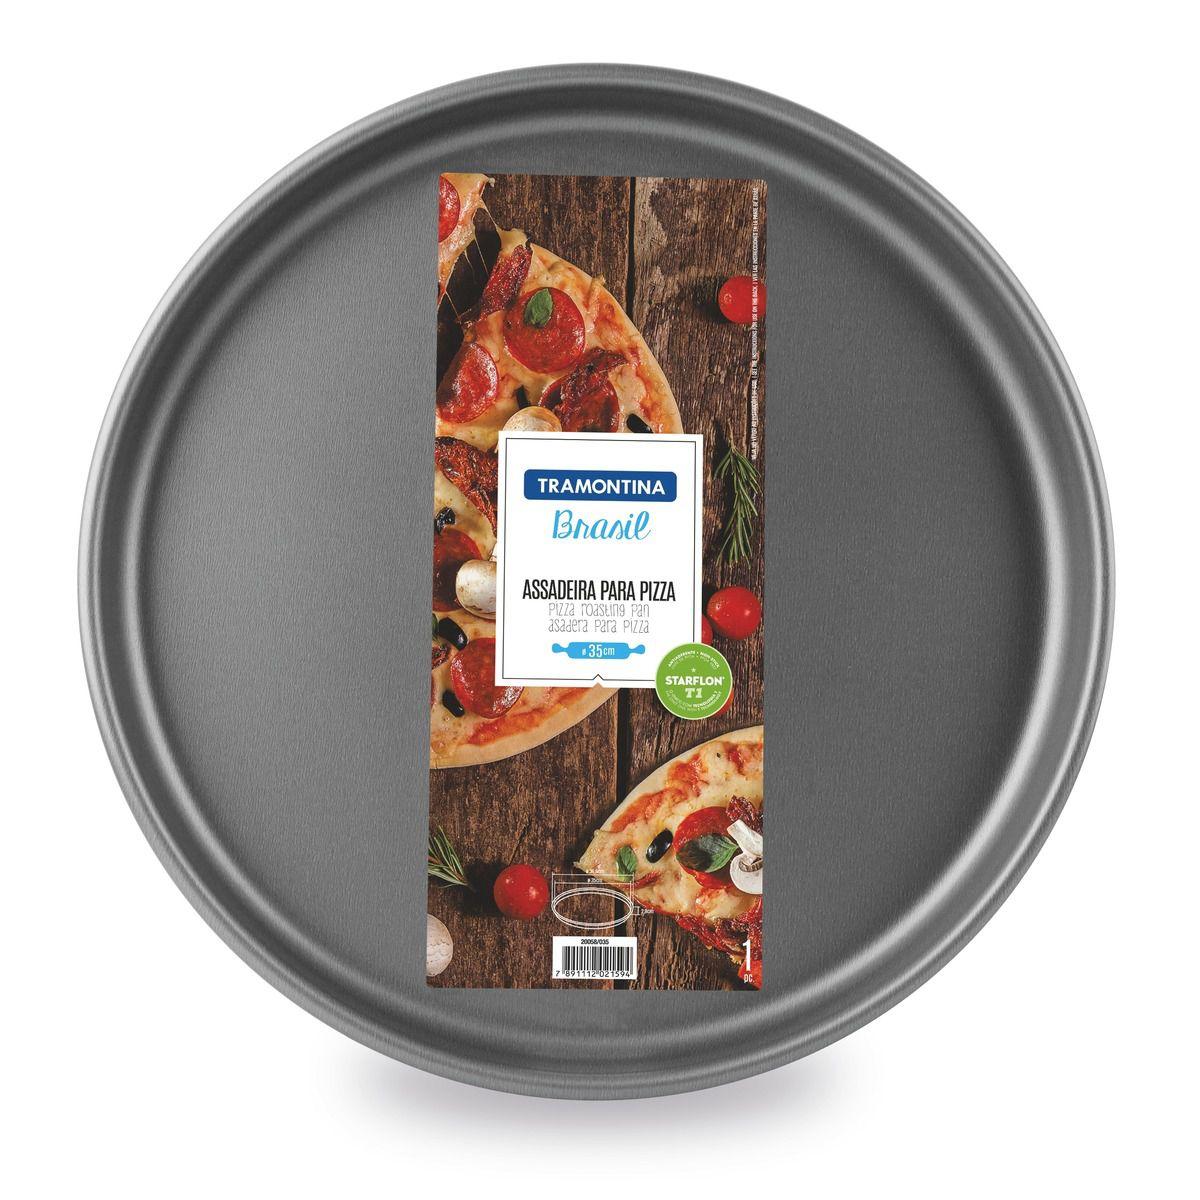 Assadeira para pizza de alumínio com revestimento interno antiaderente Ø30cm 20058/030 | Lojas Estrela